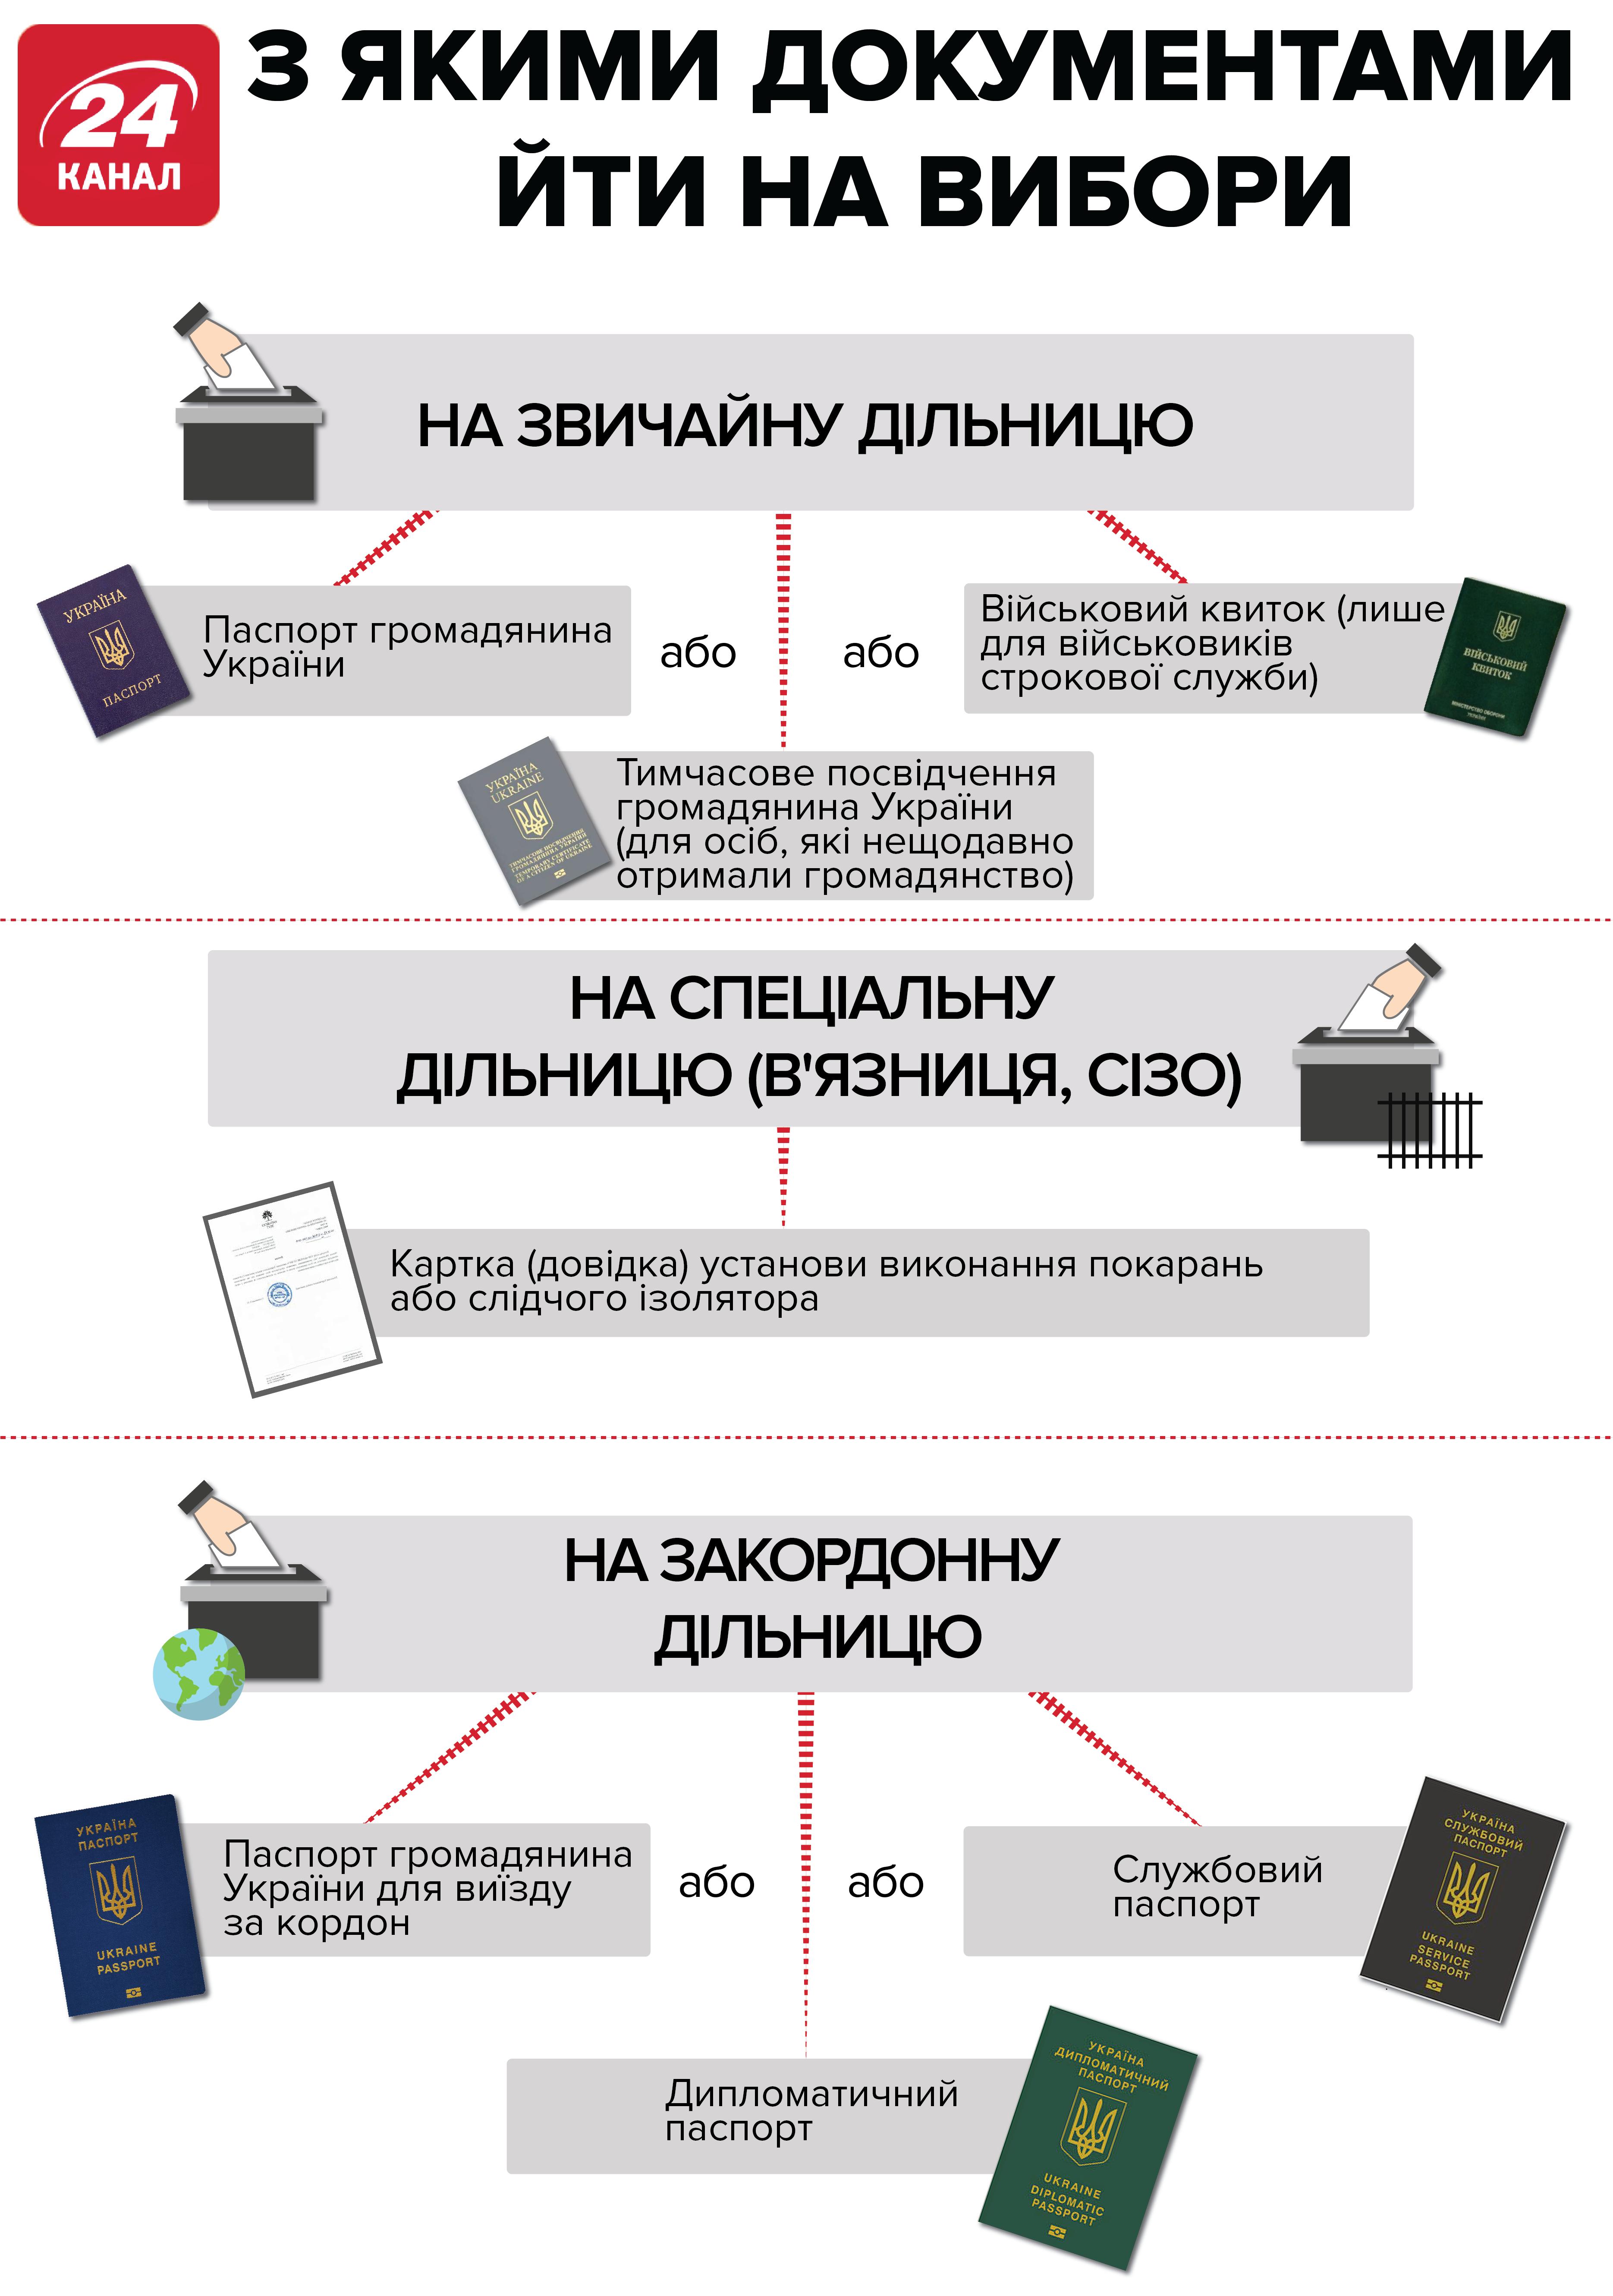 Документи на парламентські вибори